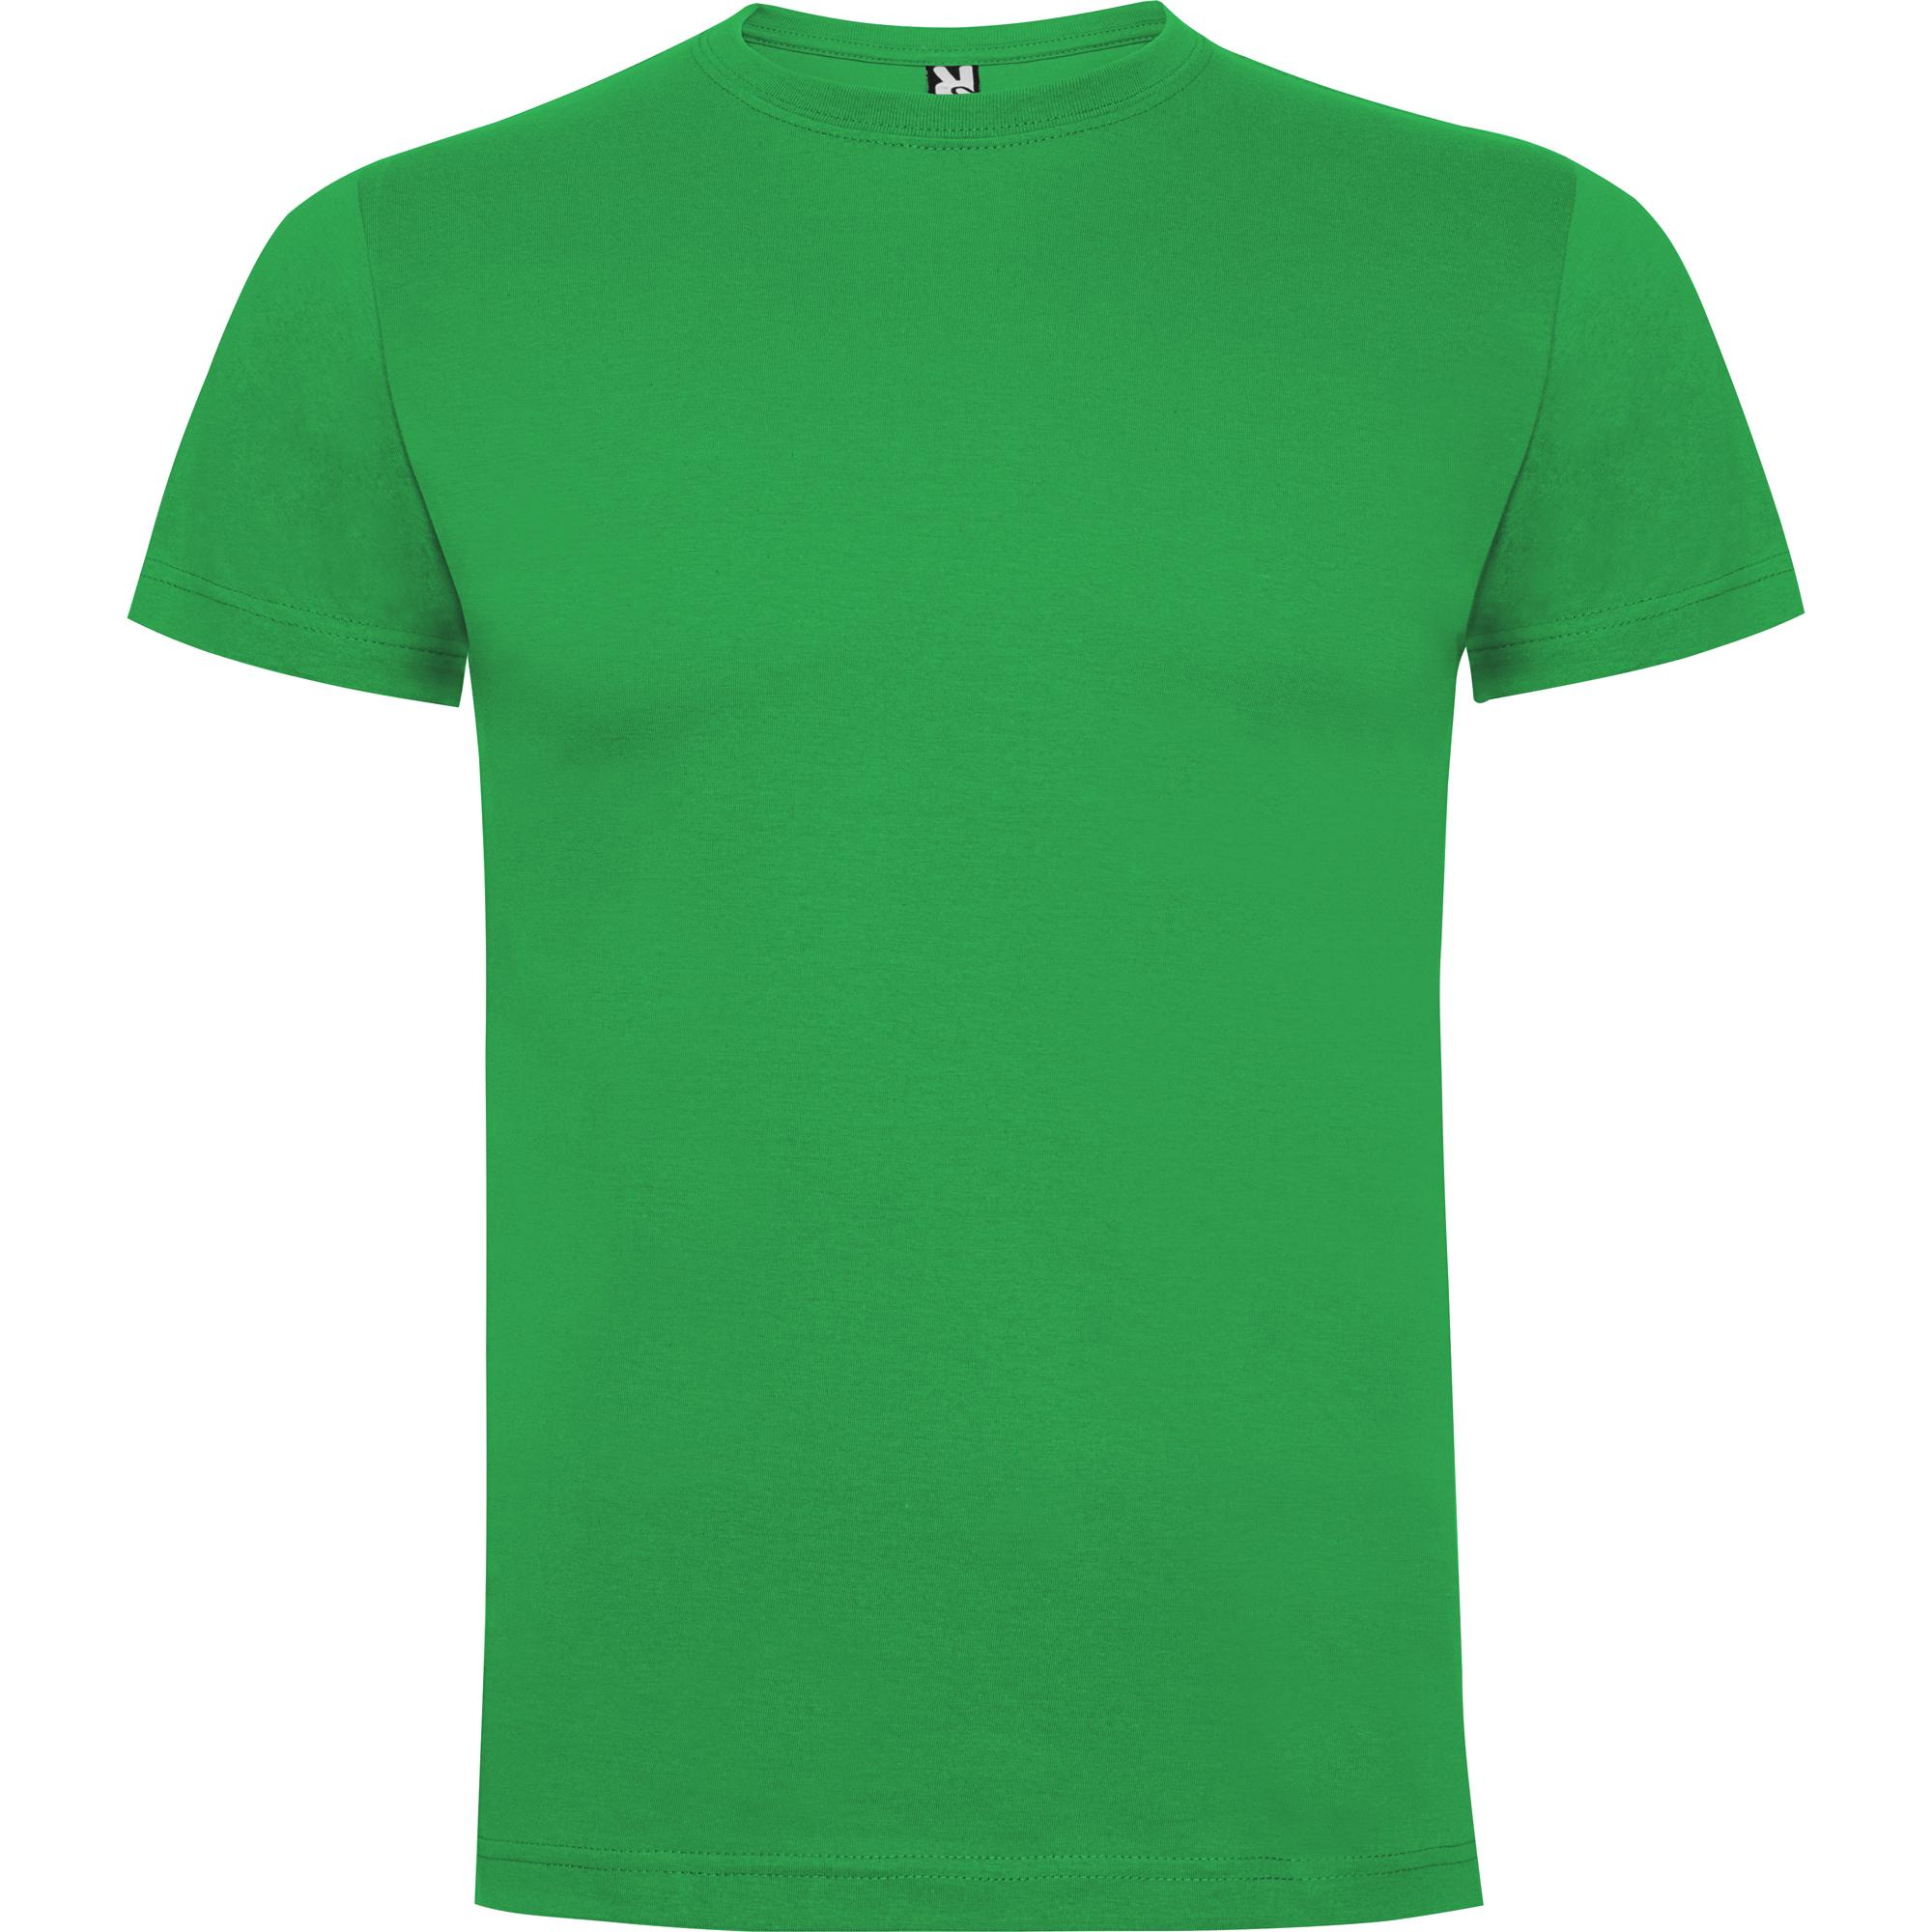 da1990f855f33 Camiseta promocional Dogo Premium (CA6502) Verde irish